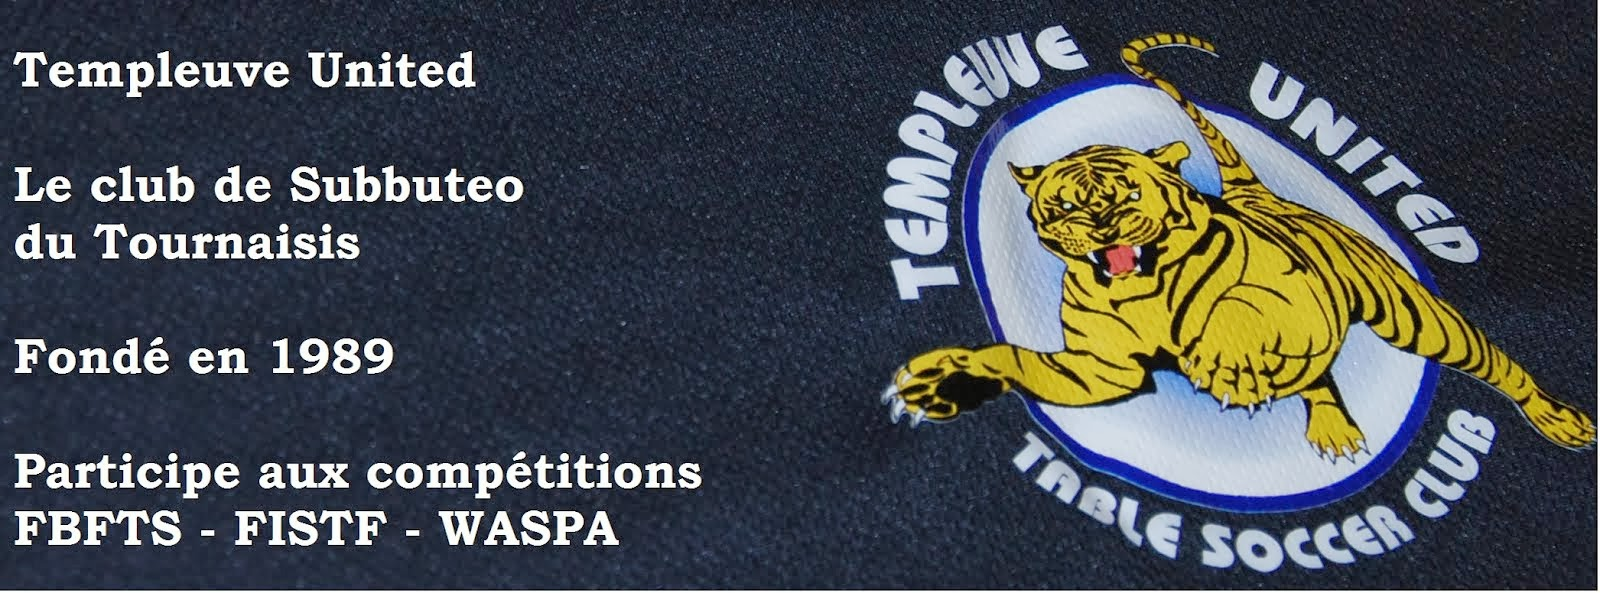 Templeuve United